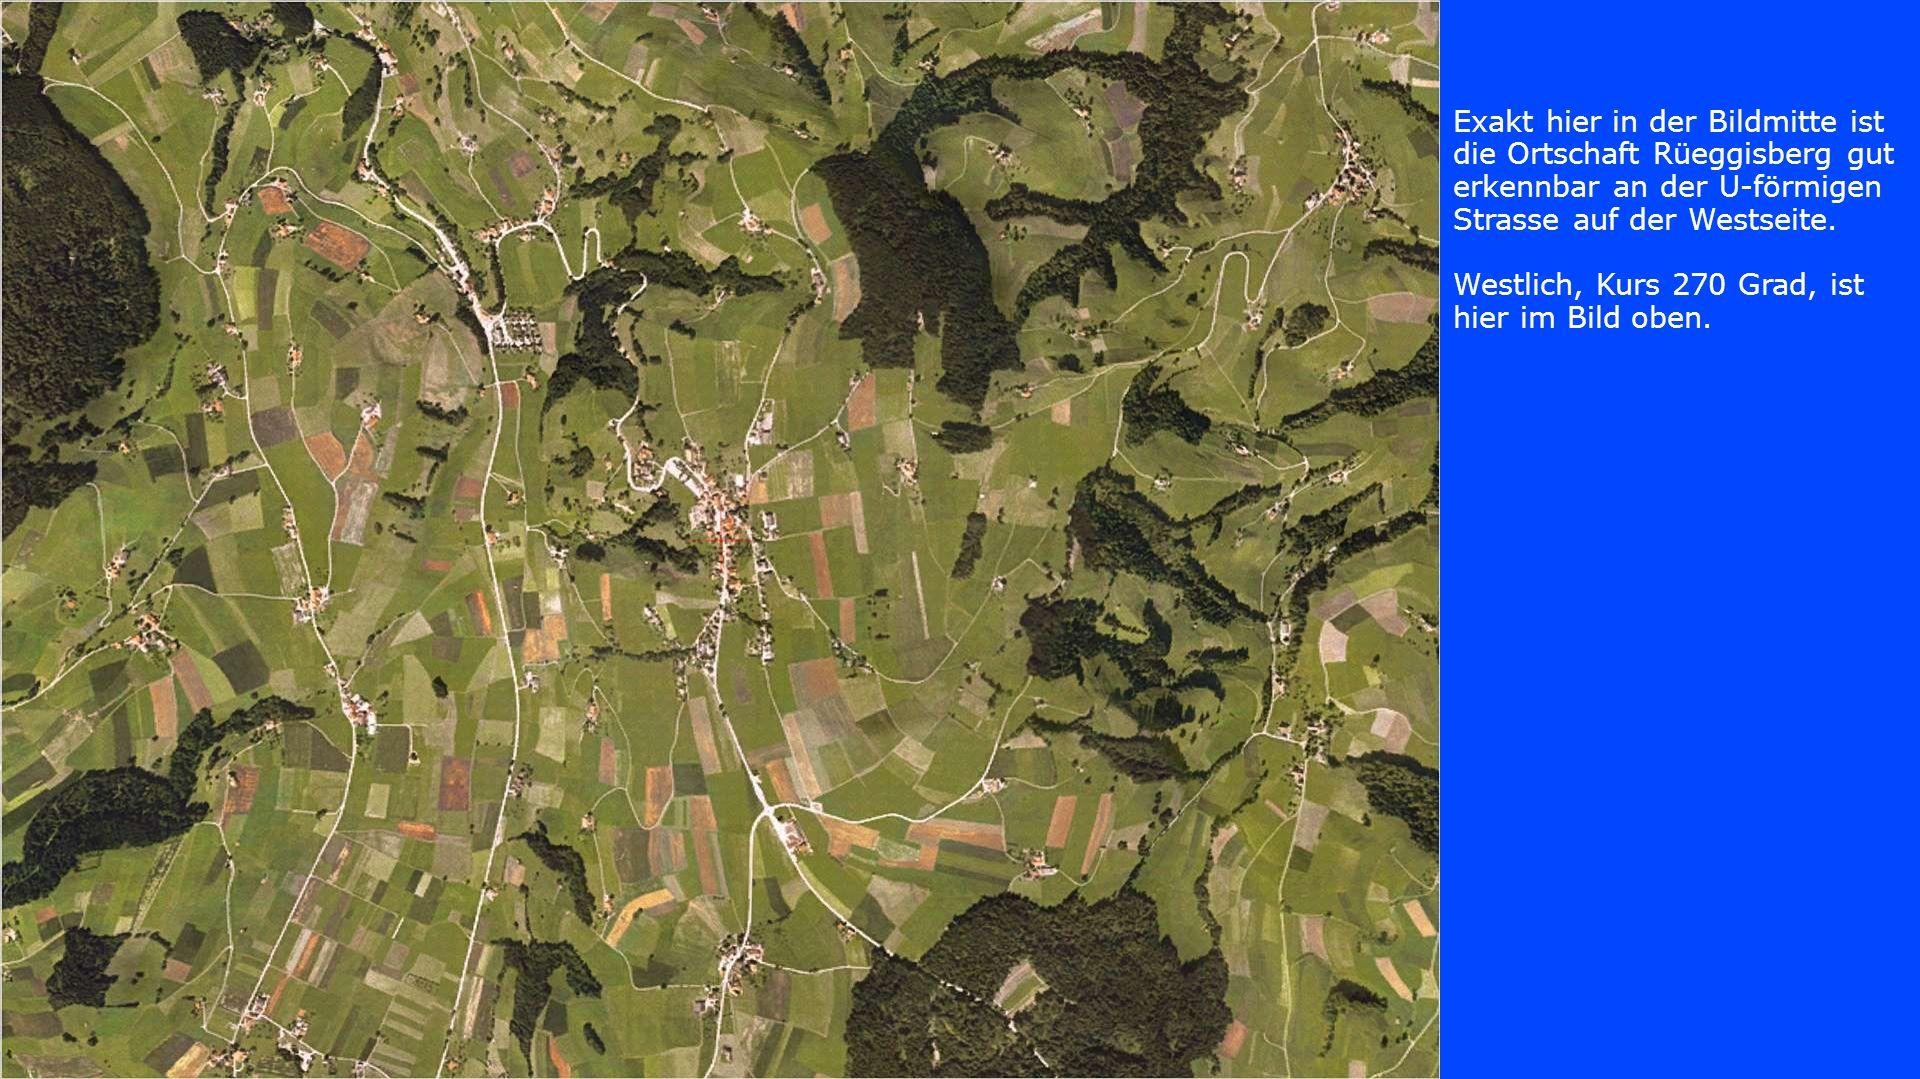 Exakt hier in der Bildmitte ist die Ortschaft Rüeggisberg gut erkennbar an der U-förmigen Strasse auf der Westseite. Westlich, Kurs 270 Grad, ist hier